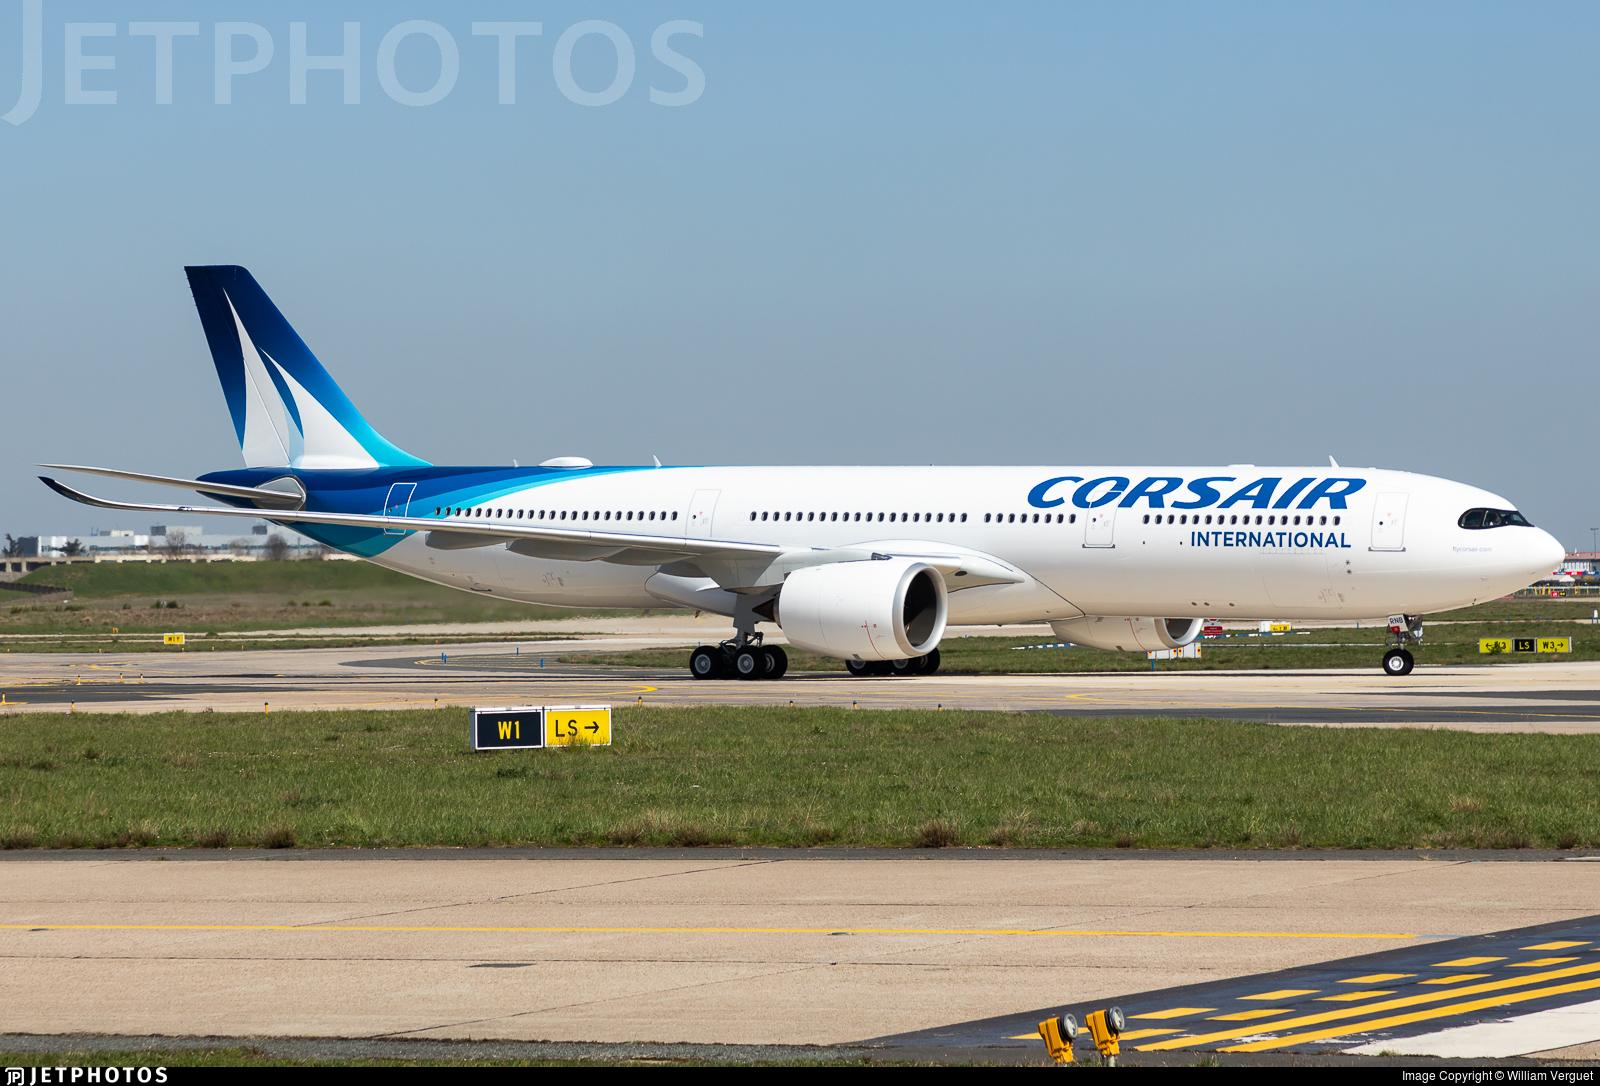 F-HRNB - Airbus A330-941 - Corsair International